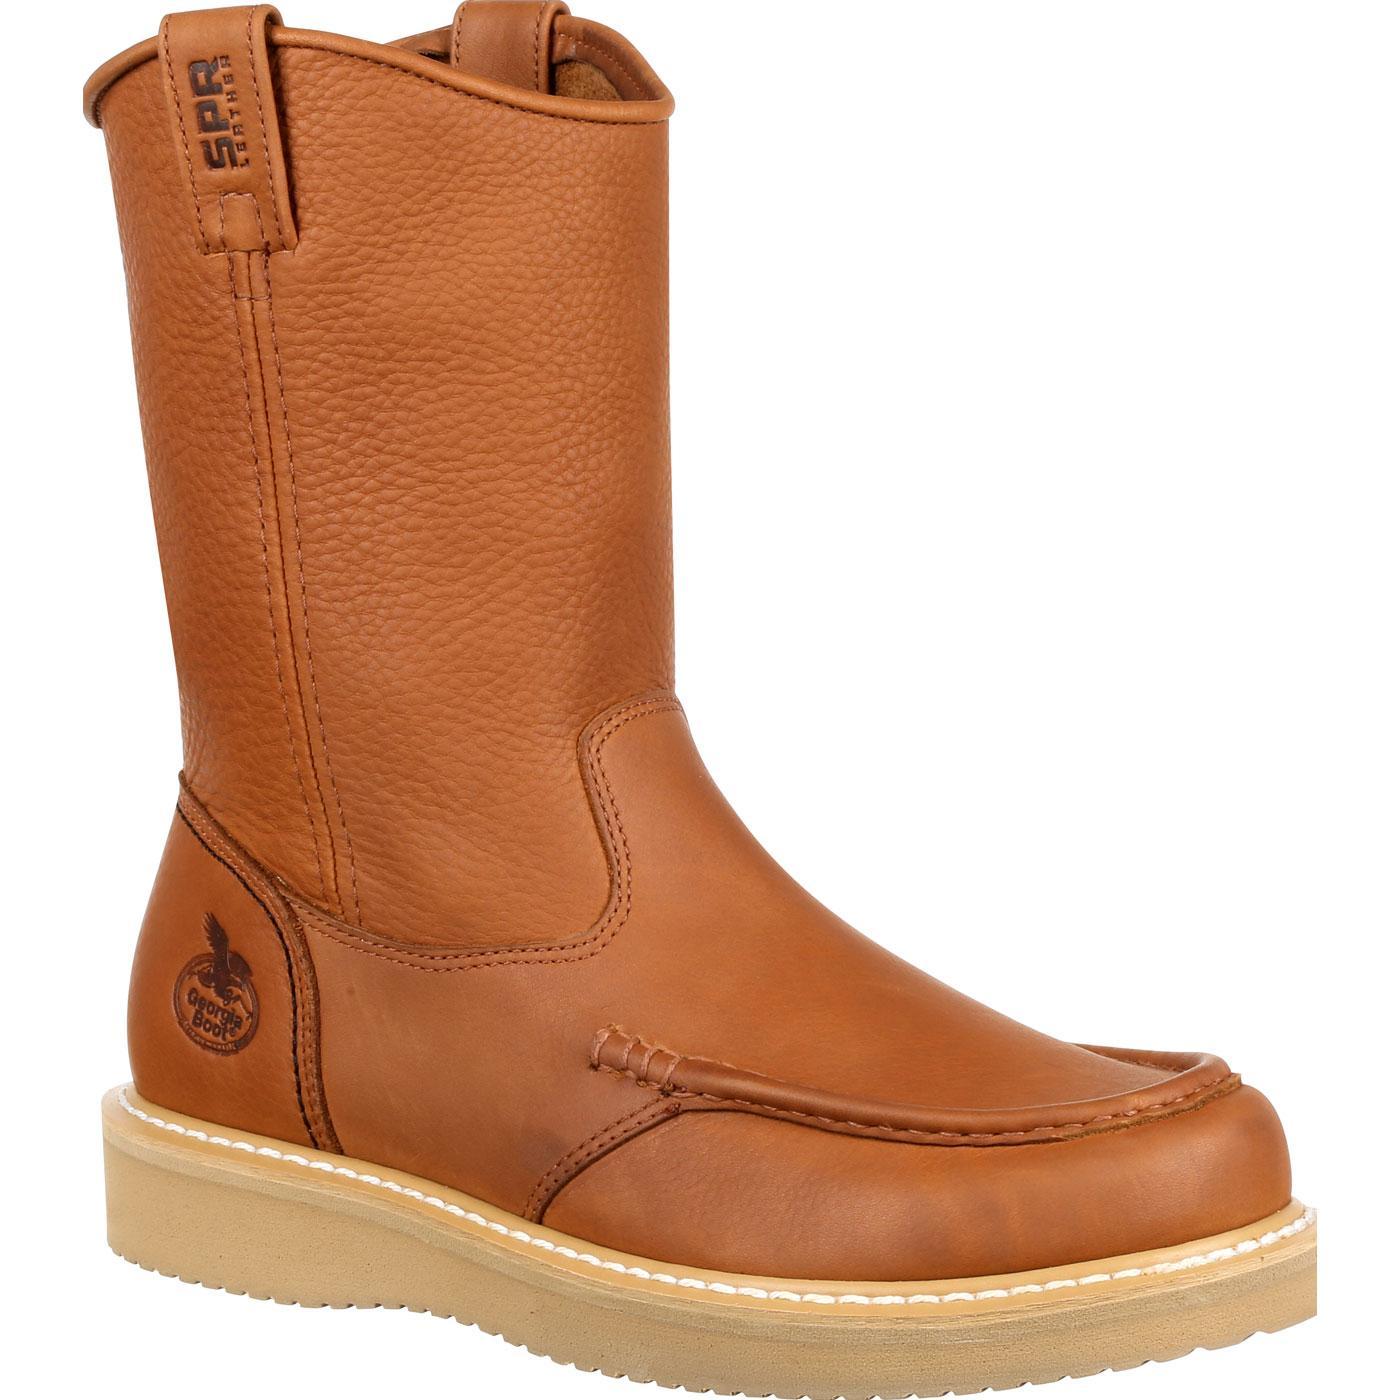 Georgia Boot Wedge Moc Toe Pull-On Work BootGeorgia Boot Wedge Moc Toe  Pull-On Work Boot 8bac6cb54a71